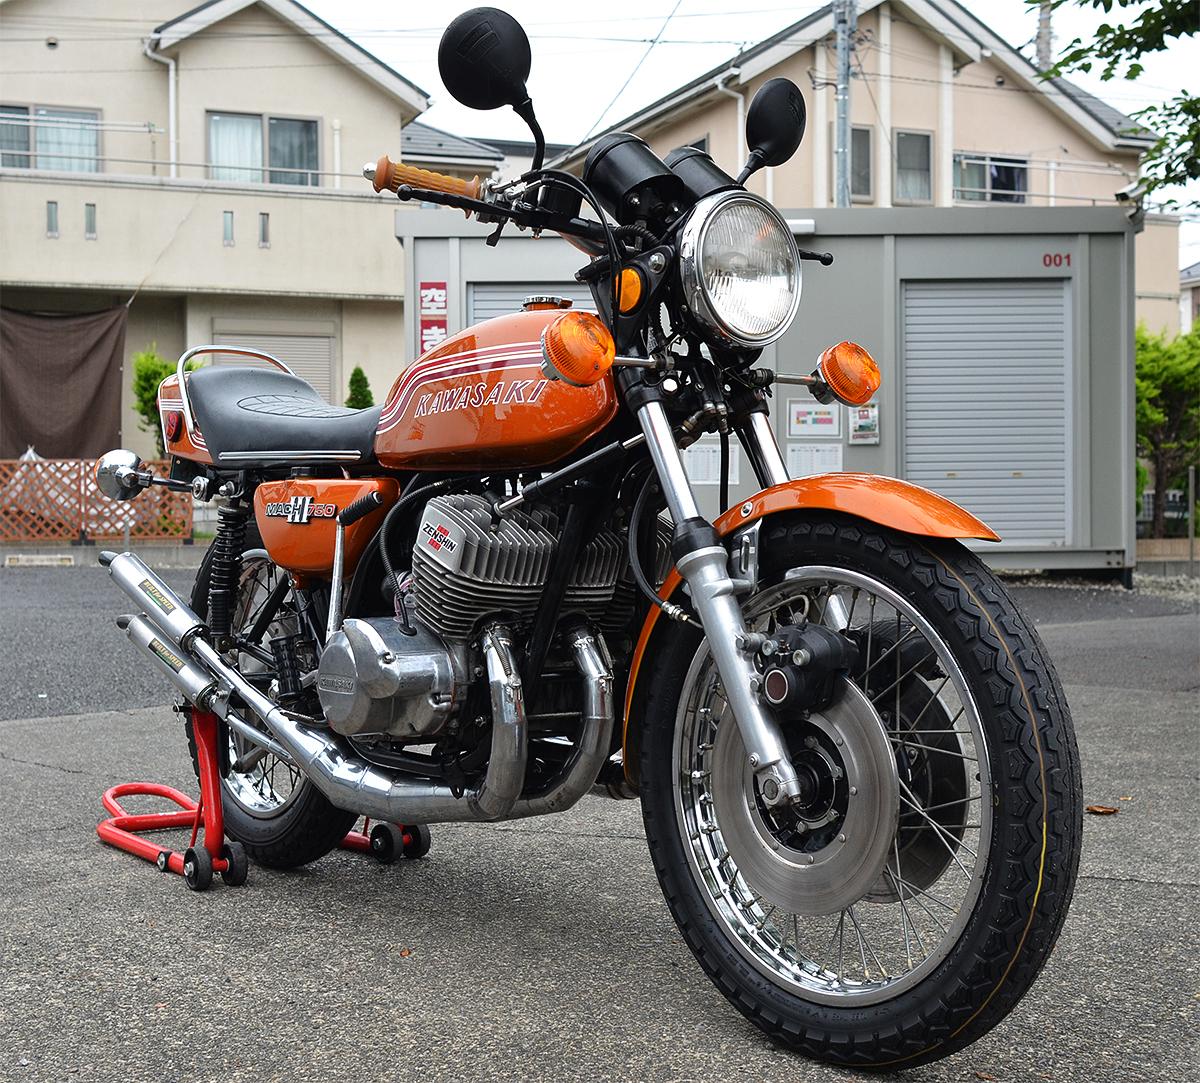 Kawasaki750SS H2 マッハⅢ 1972年型 初期型6000番台 キャンディゴールド 逆輸入 国内新規3年車検 マッハ KA SS S1 S2 H1 H2 KH 全国配送